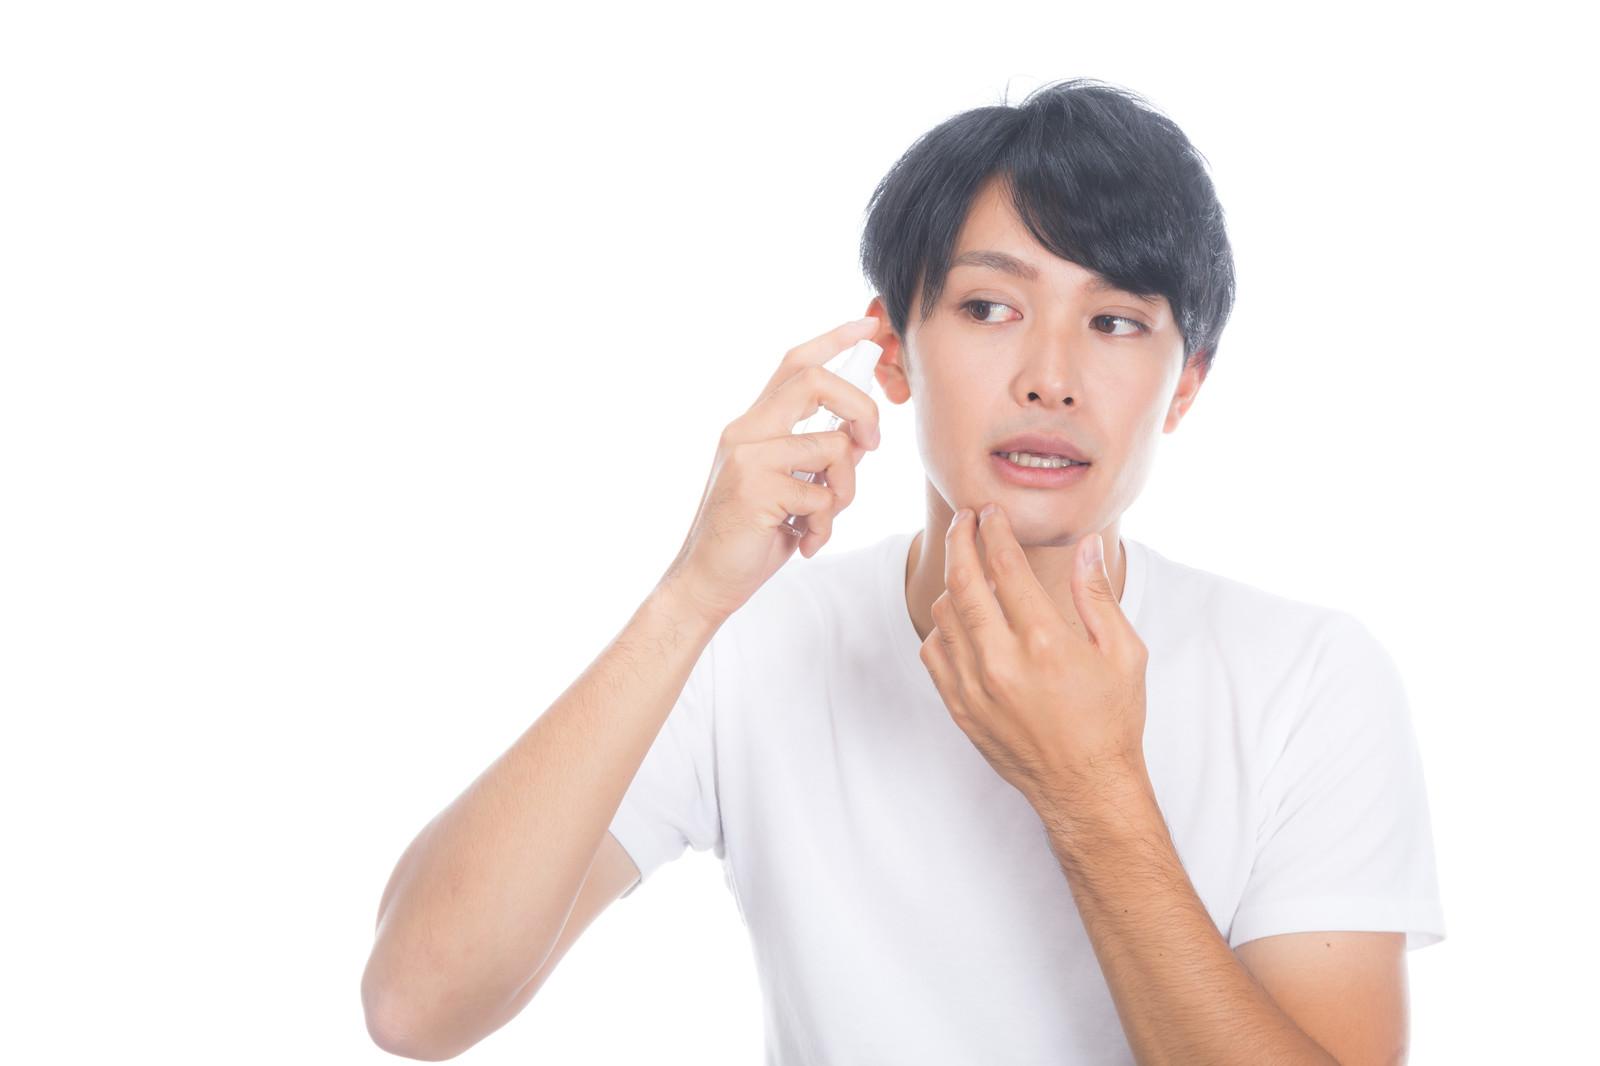 メンズがスキンケアをすべき理由←環境と肌質